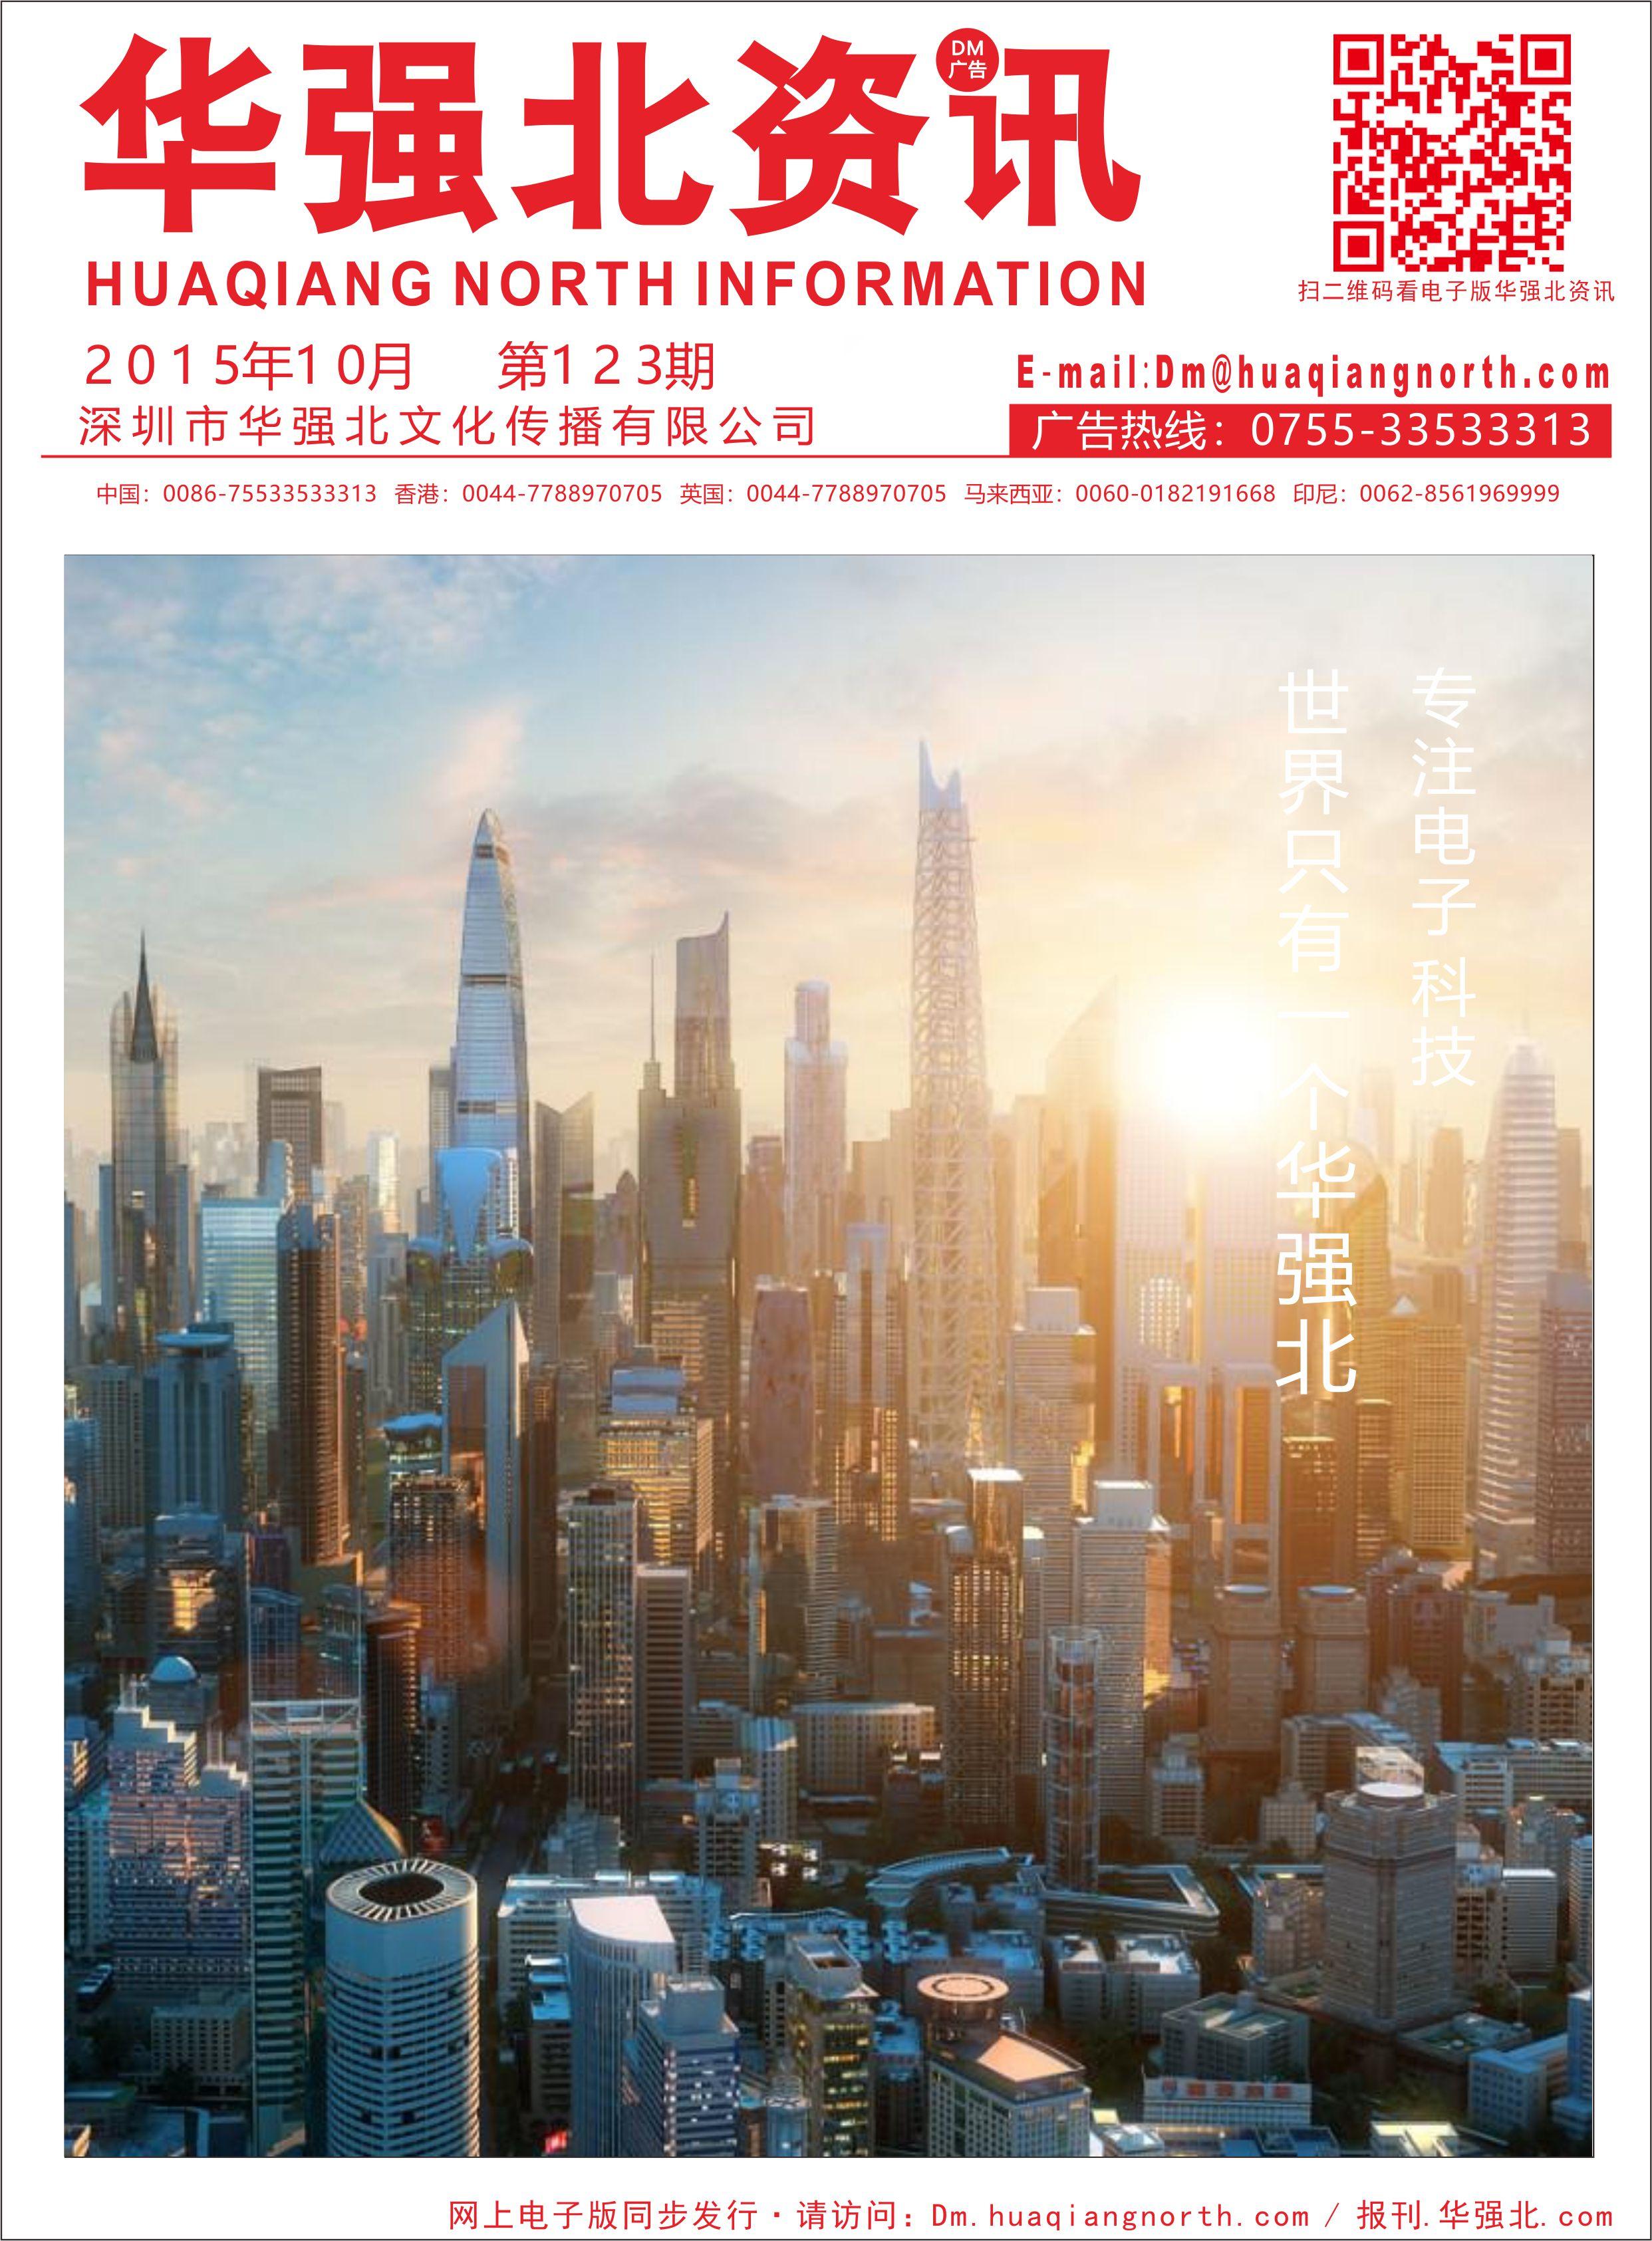 华强北资讯第123期